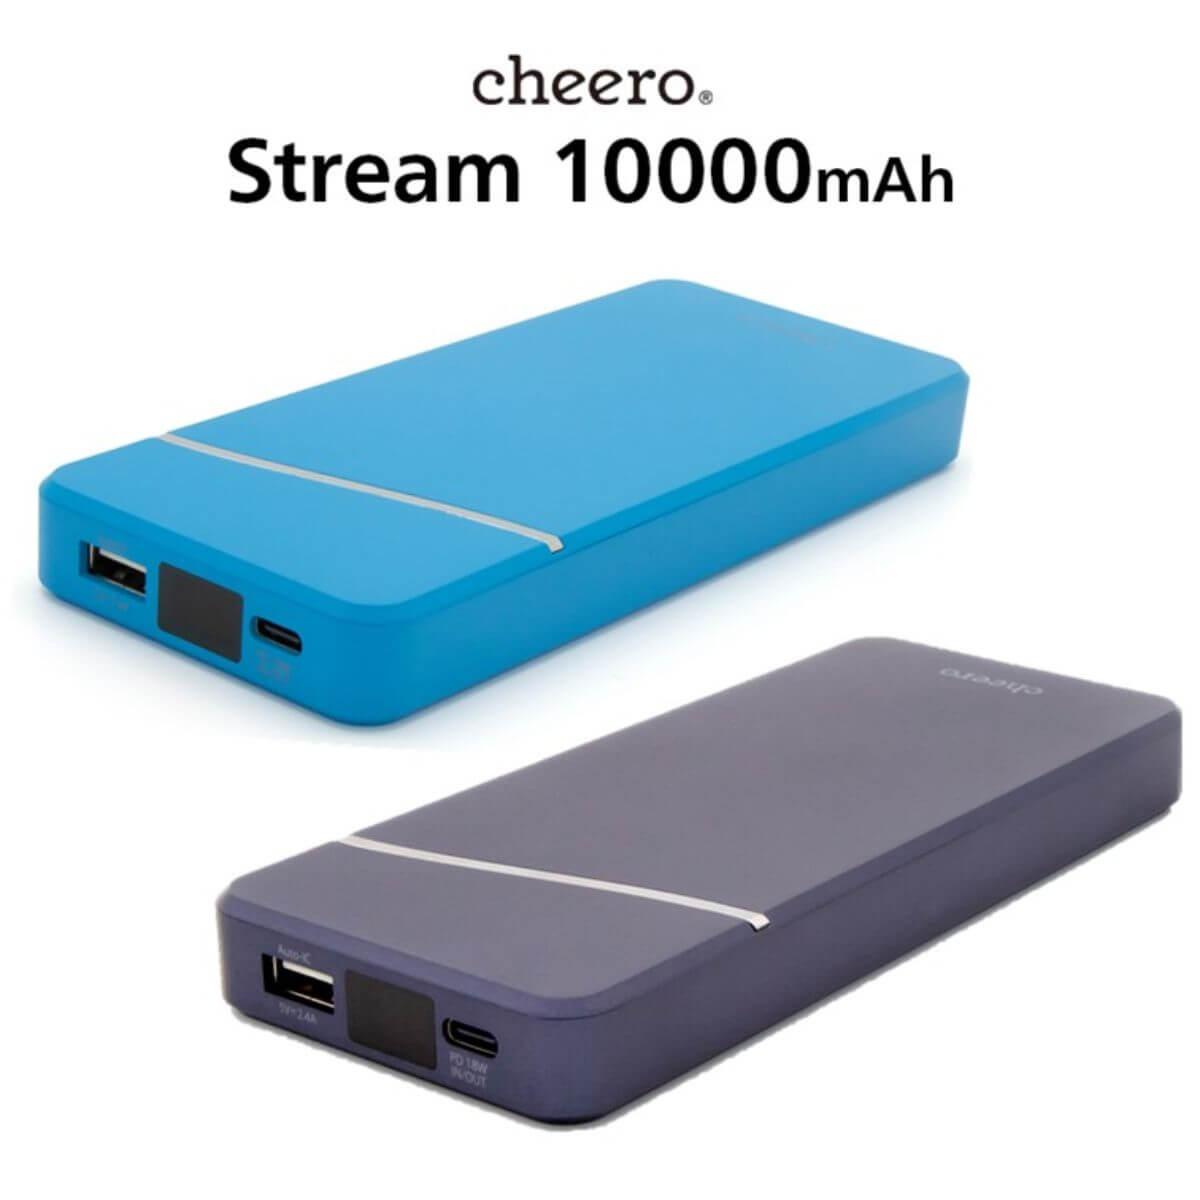 機内持ち込み モバイルバッテリー cheero Stream 10000mAh CHE-103